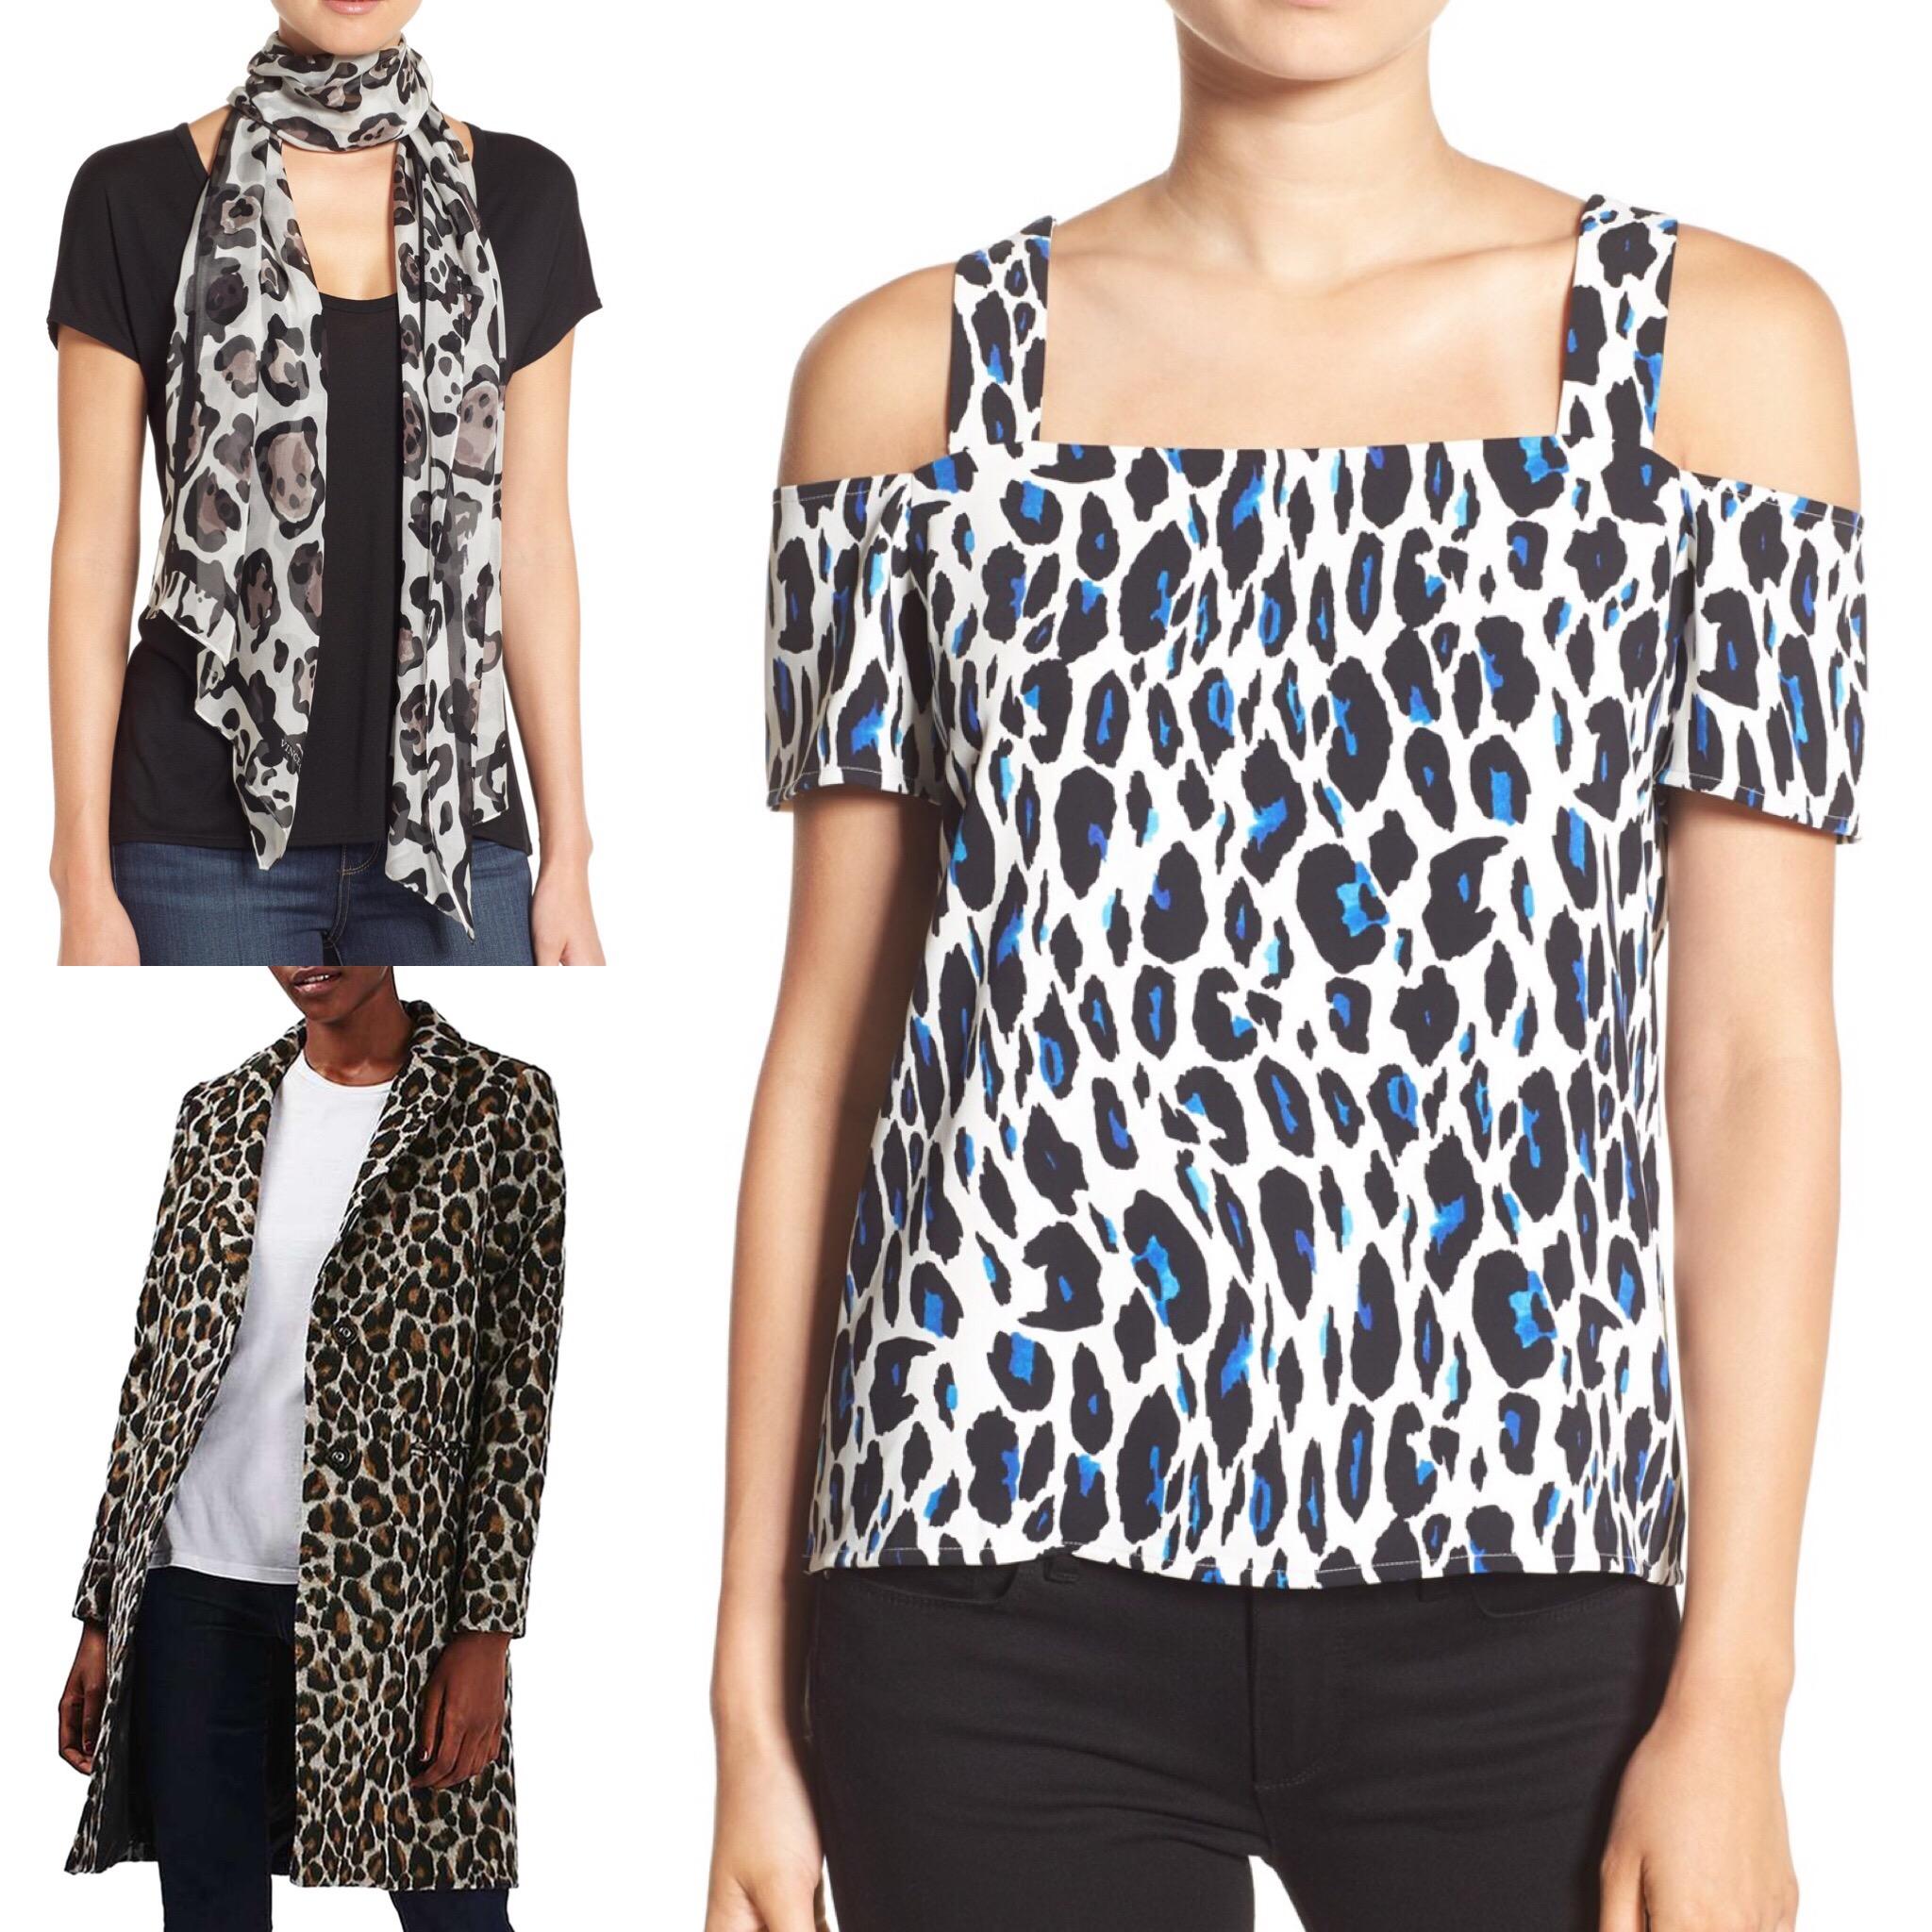 30a3f8d3759 Leopard Print Silk Scarf  Vince Camuto    Leopard Print Car Coat  Topshop      Ava  Cold Shoulder Top  cooper   ella